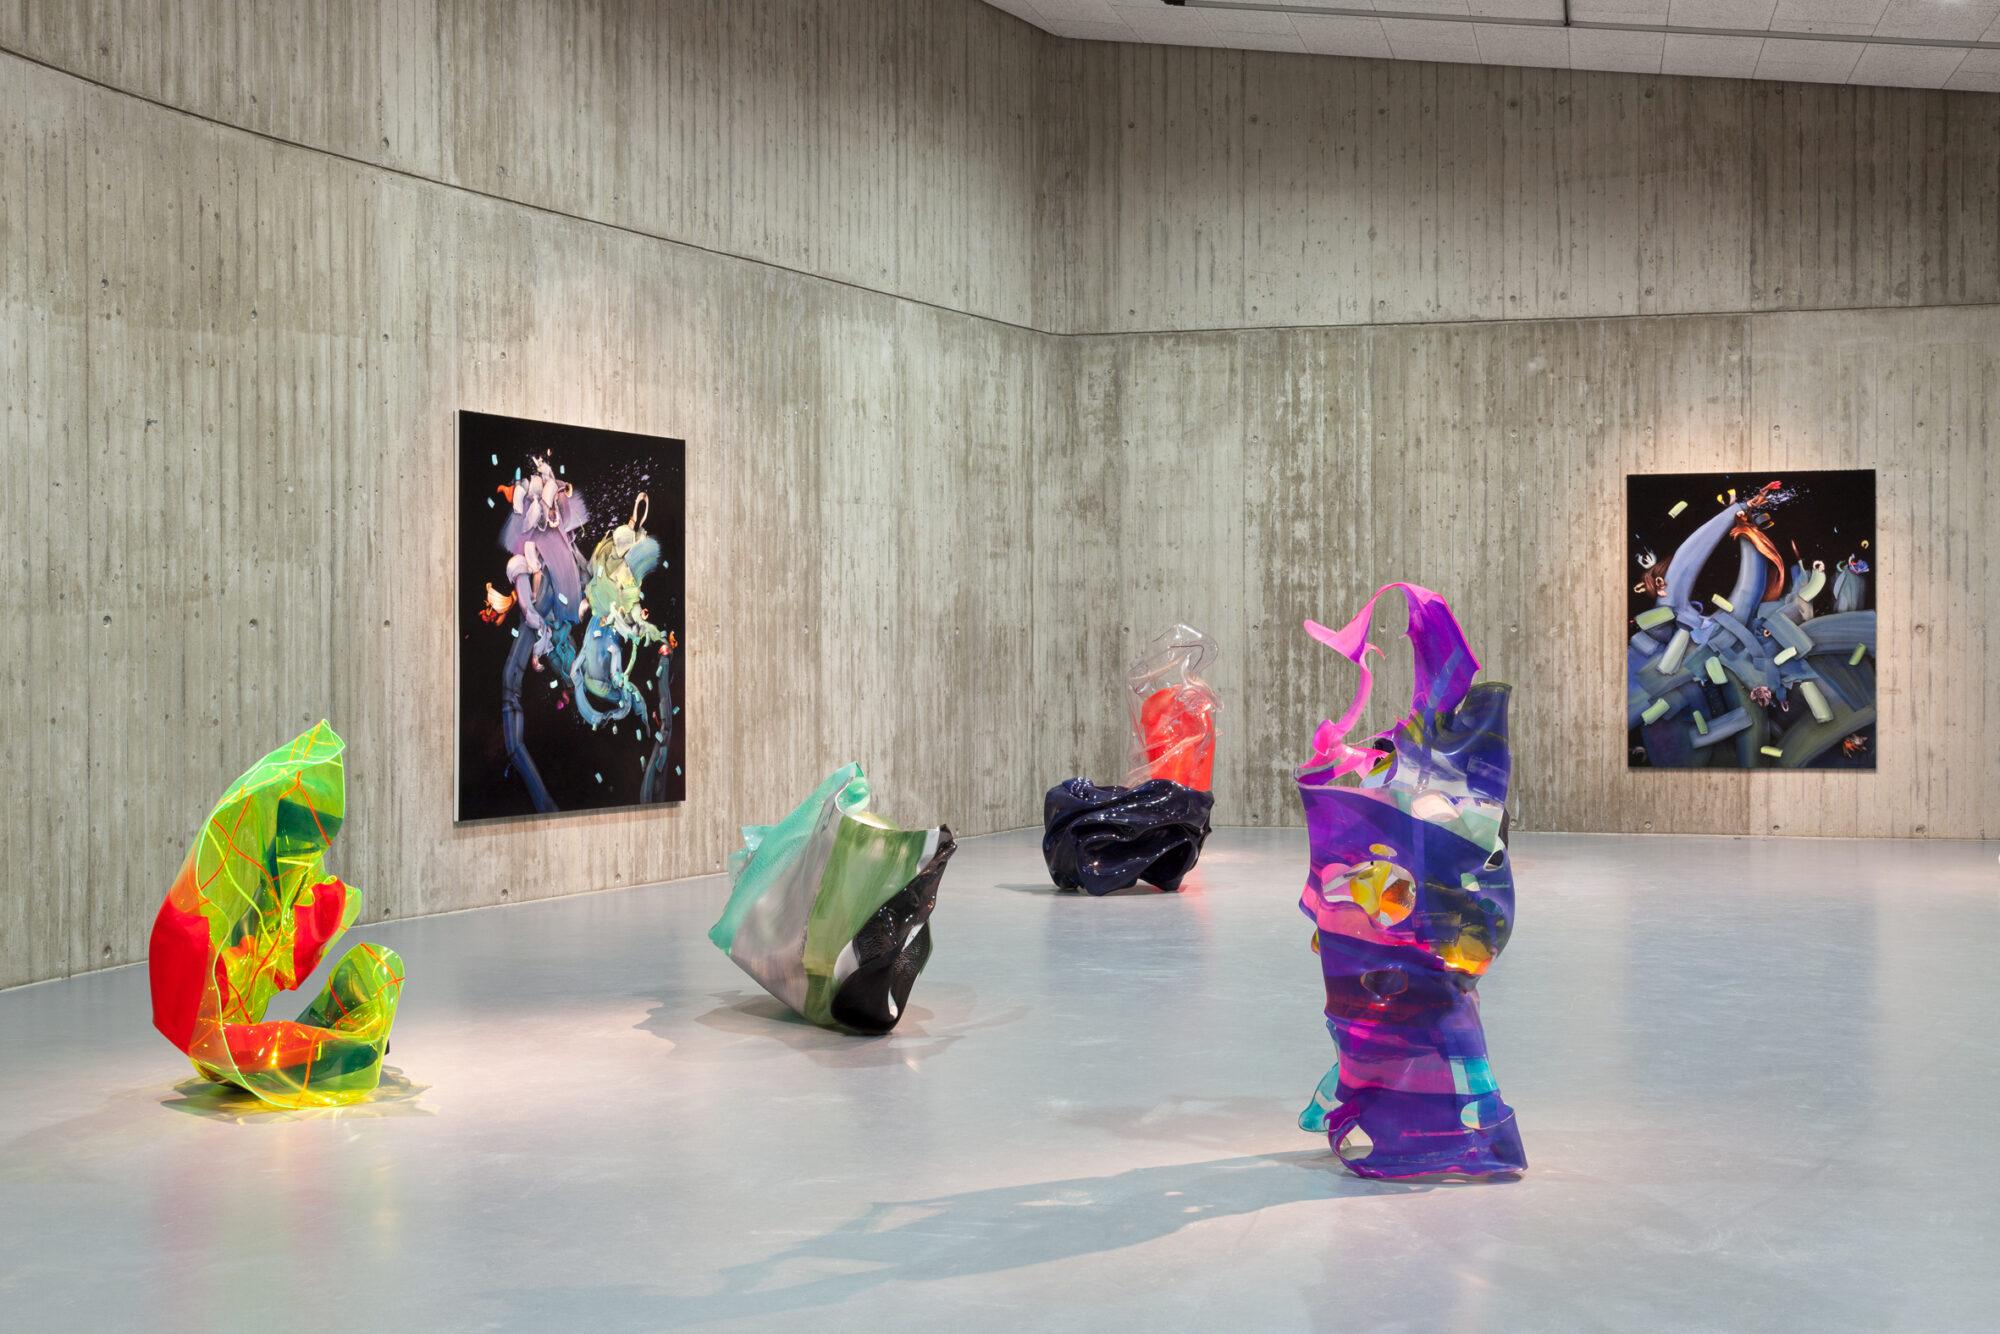 Ausstellungsansicht, »morphing«, Johanna Flammer, Paul Schwer, Neue Galerie Gladbeck, 2020 © Hanne Brandt